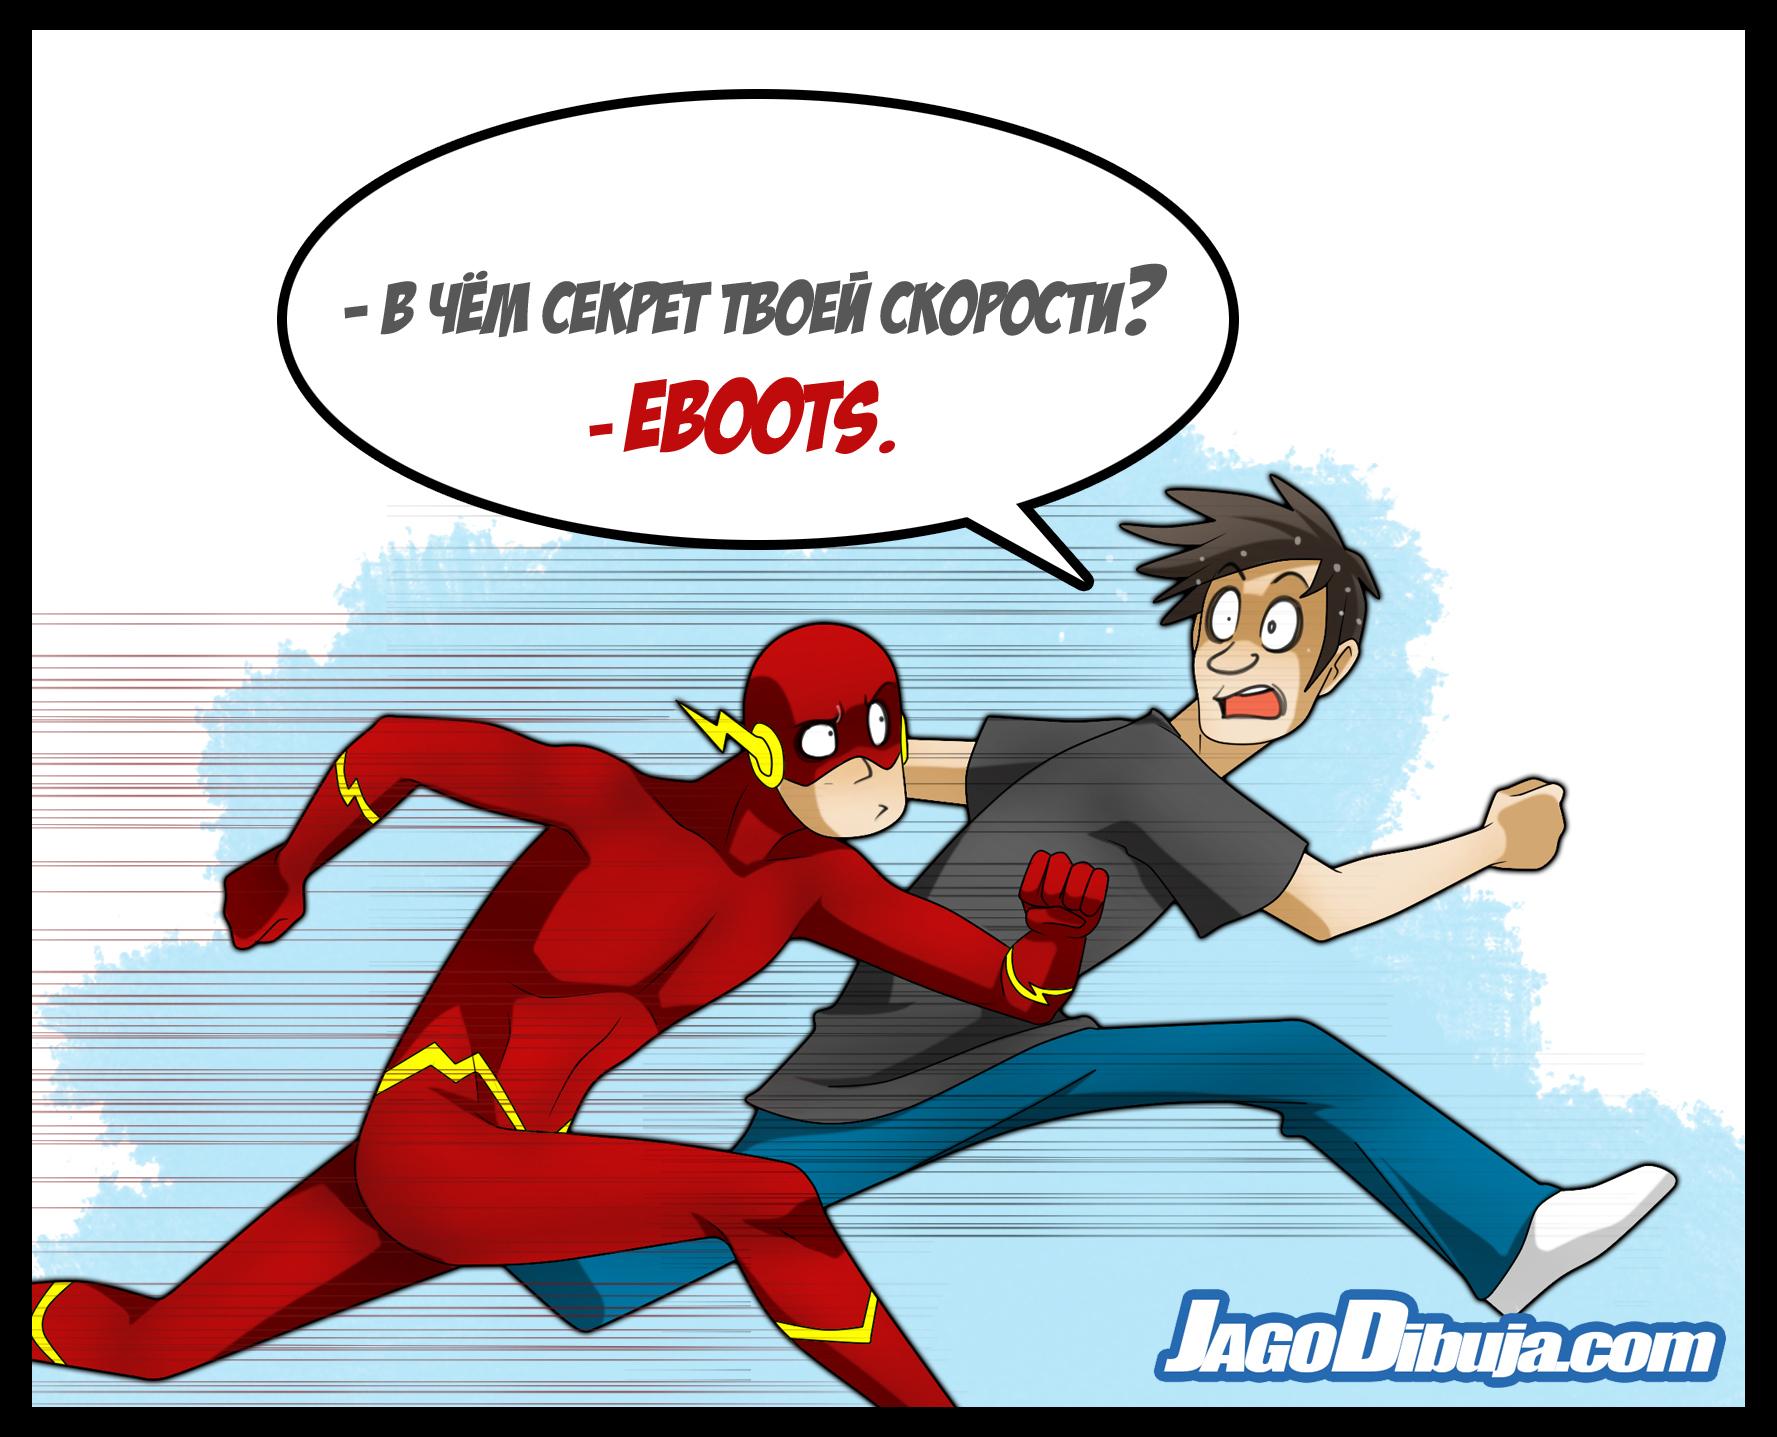 Создать мемы для магазина кроссовок Eboots, нативная реклама фото f_2715a47c77315f15.jpg